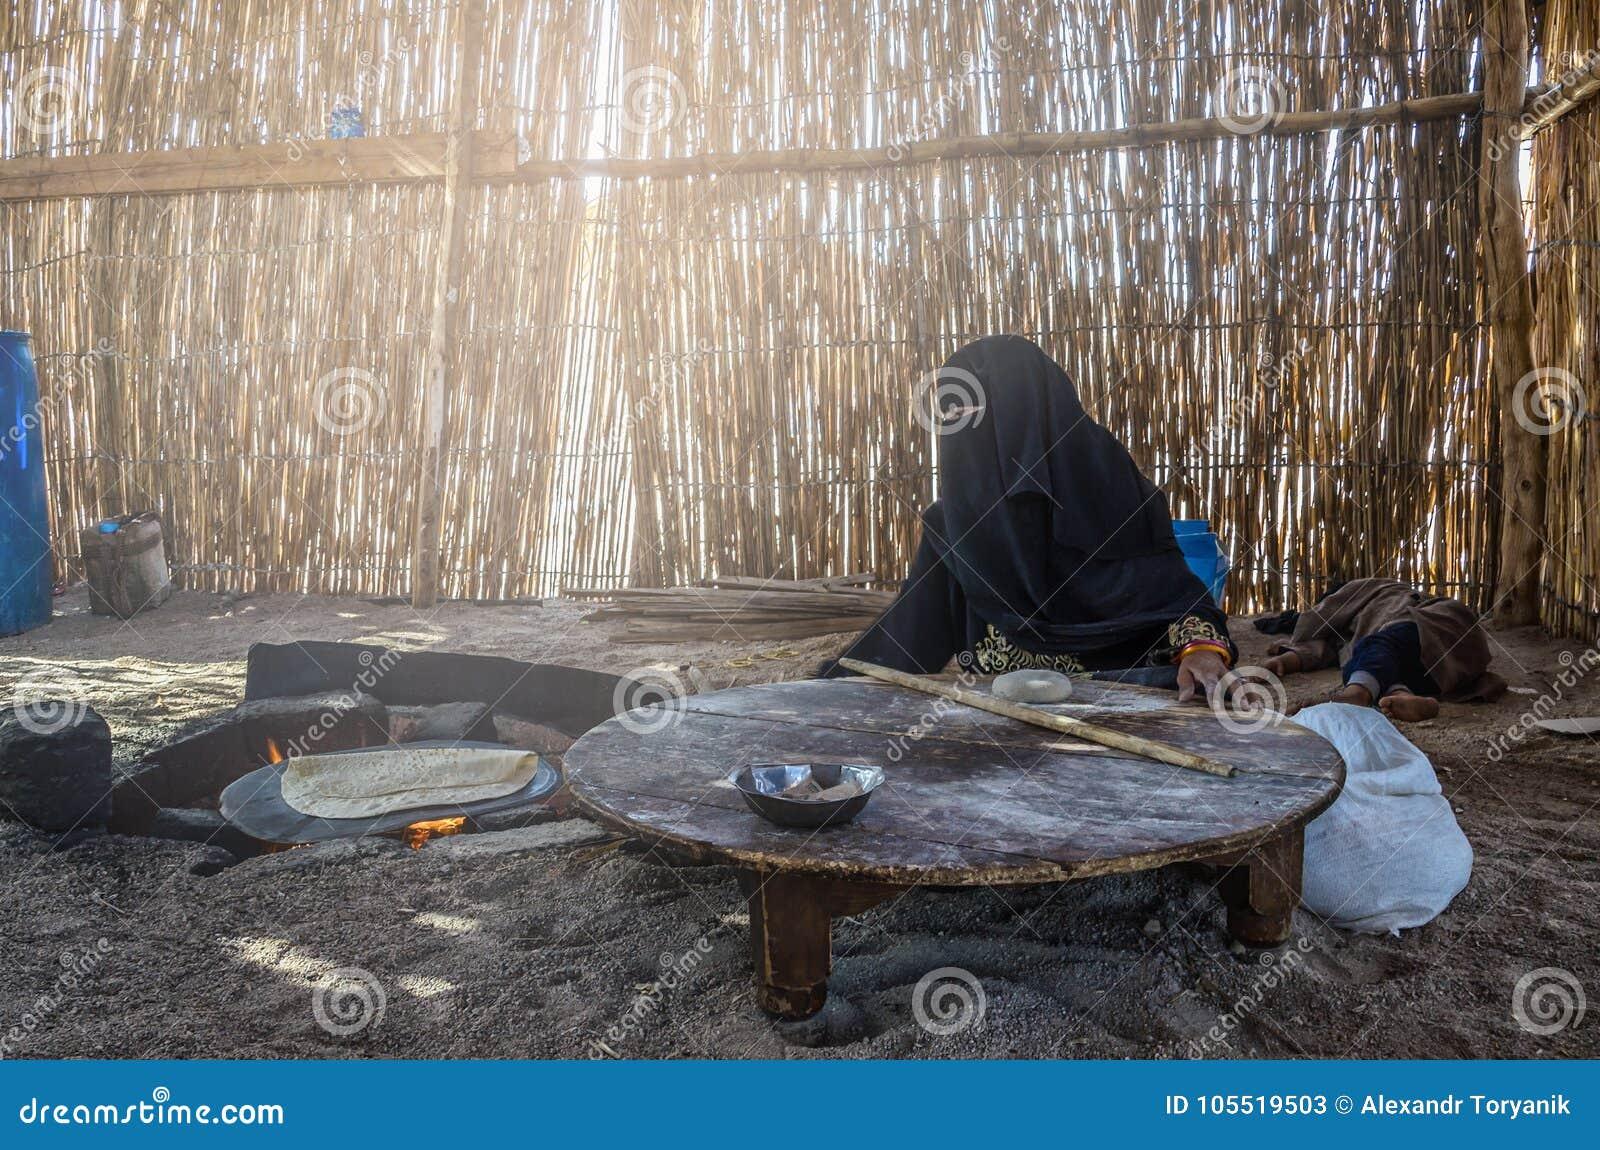 Egipt, Beduińska wioska, Sierpień 28, 2017: Muzułmańska kobieta, siedzący b